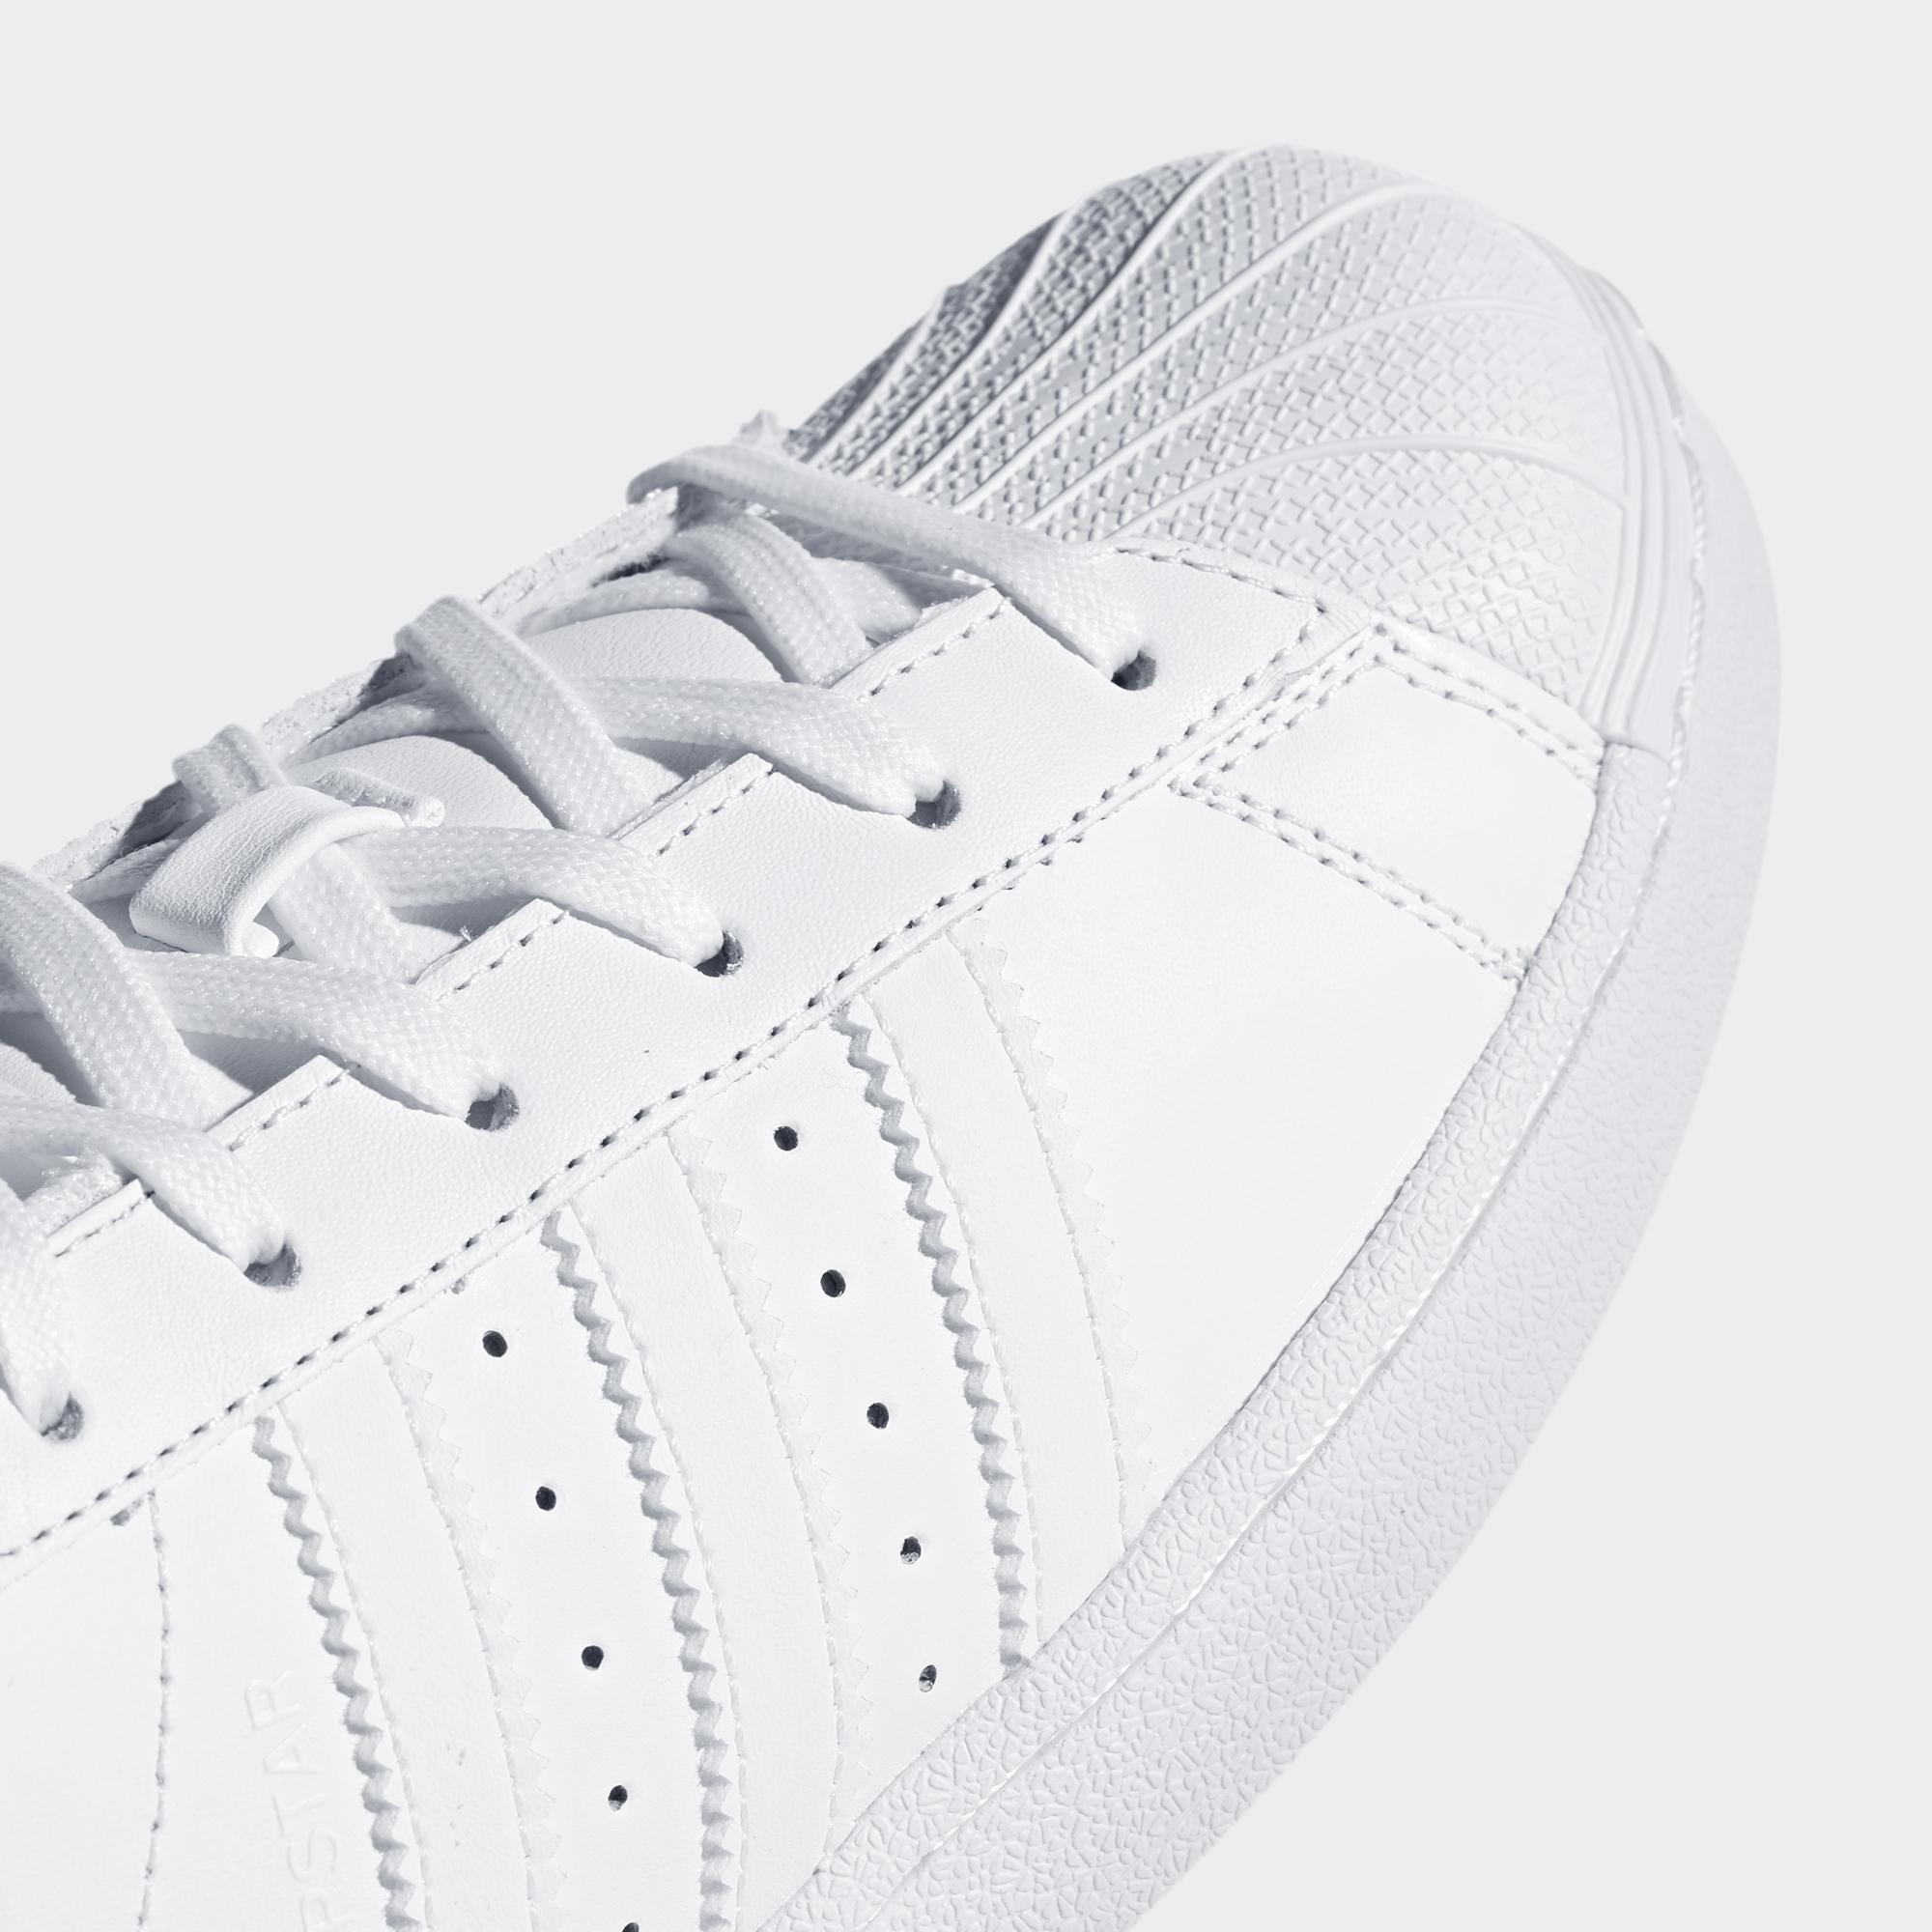 Tenisky Adidas Superstar sú skrátka klasika a čas im na štýlovosti rozhodne  neubral. Čestné miesto e427c78e4aa